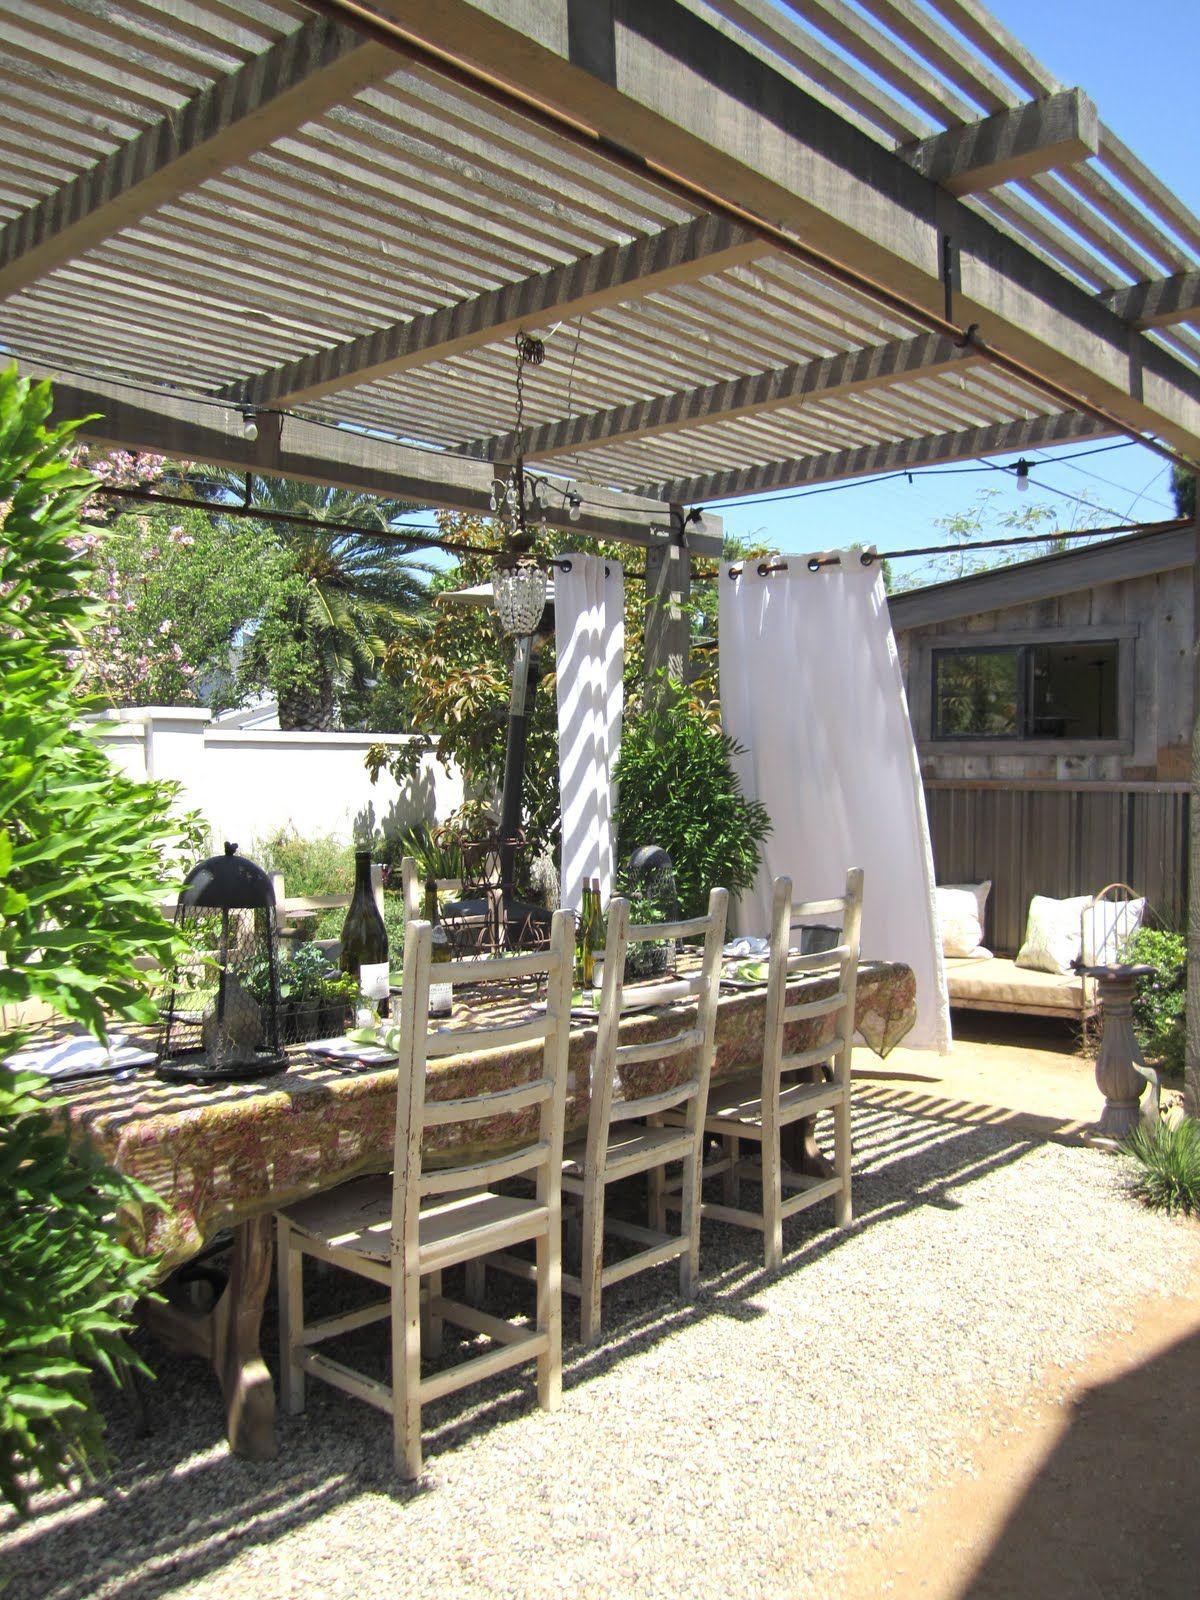 Wie sieht der Garten im Landhausstil aus?